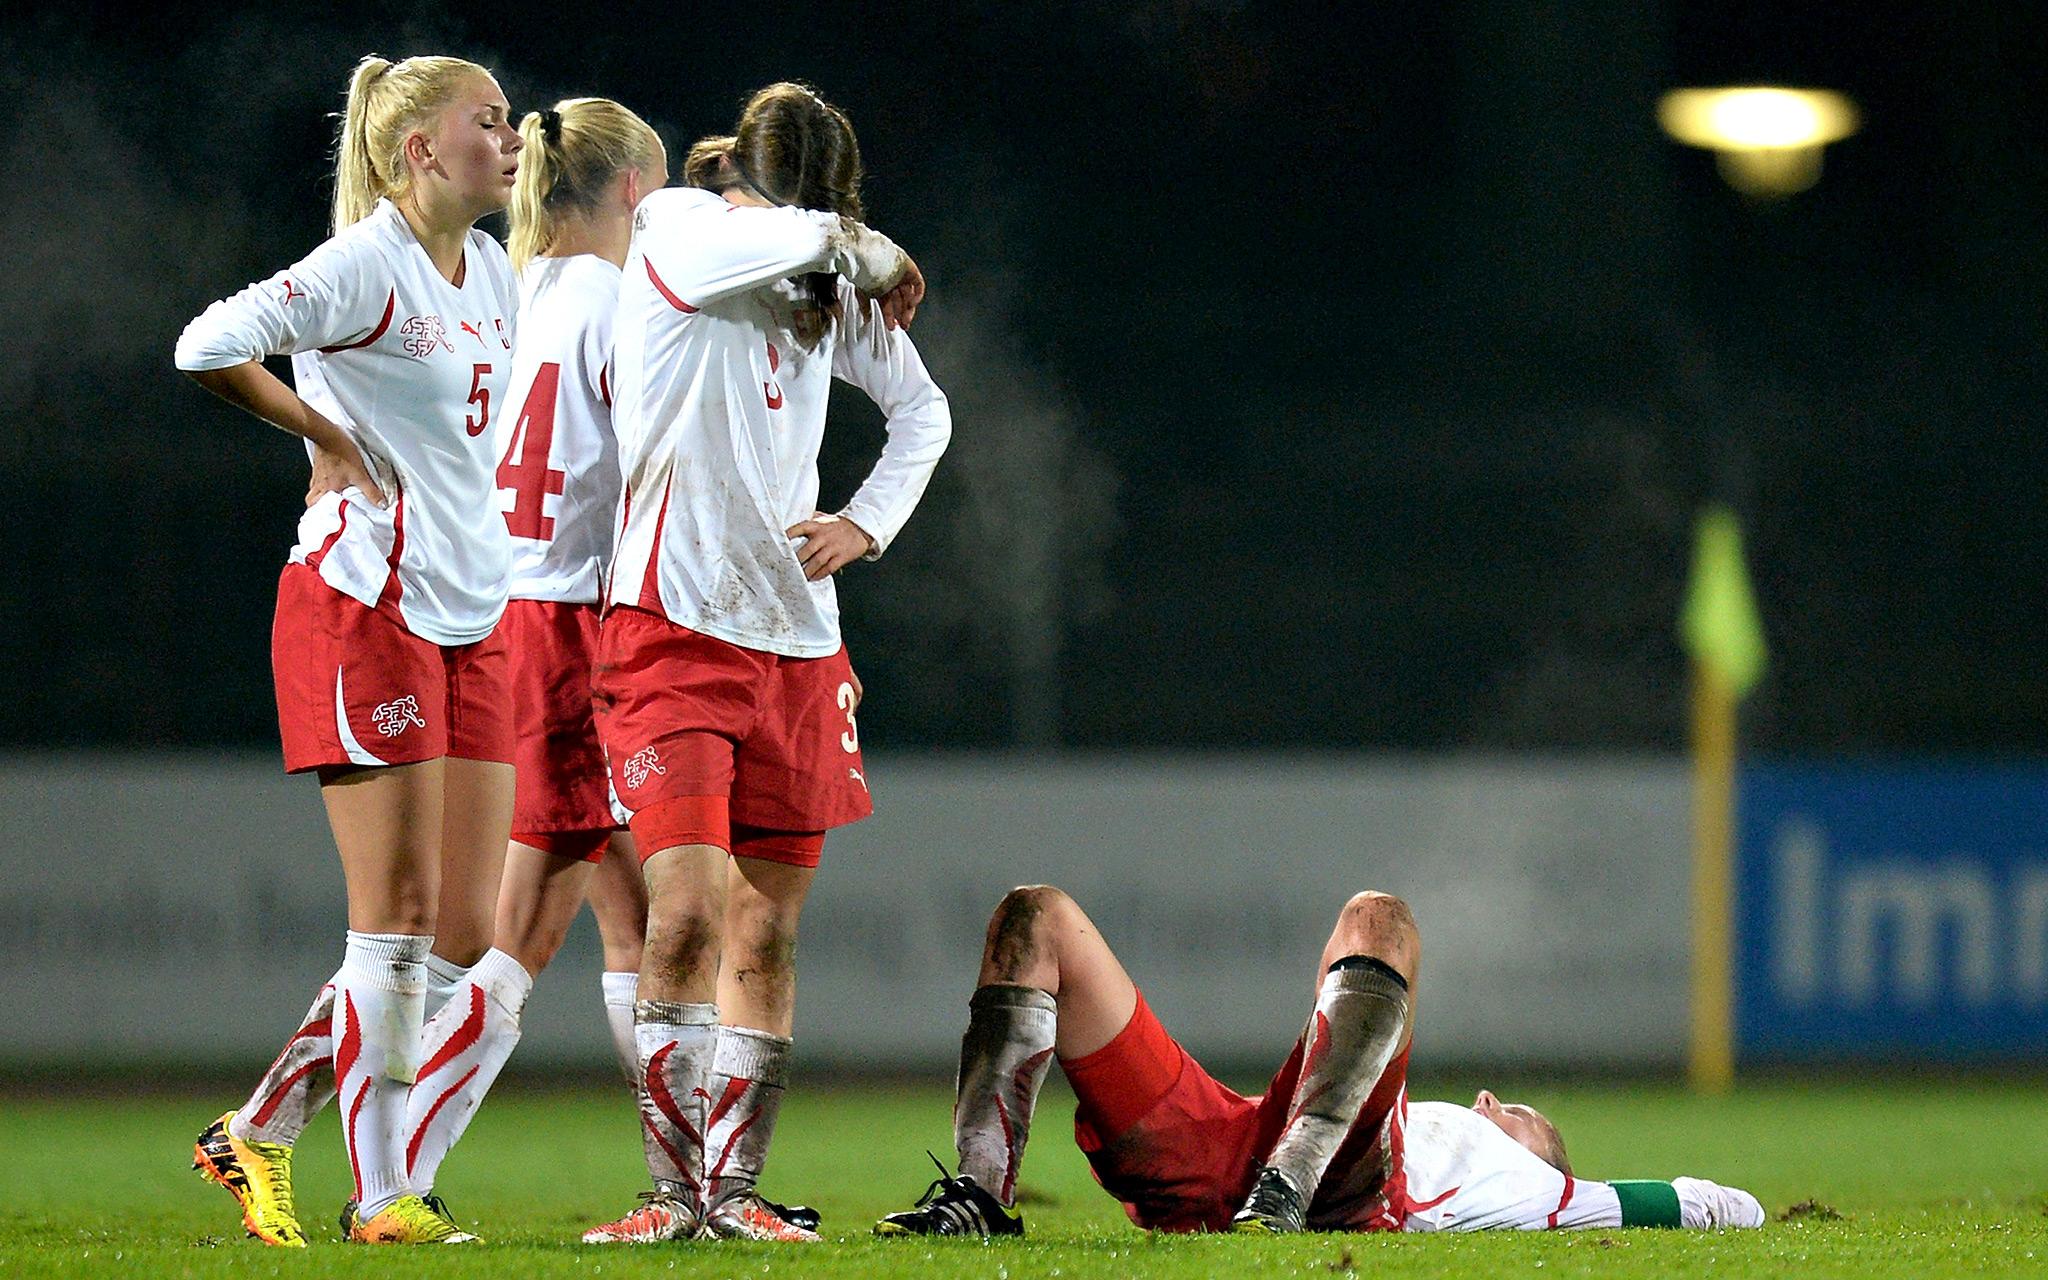 U17 Girls Euro Qualifier